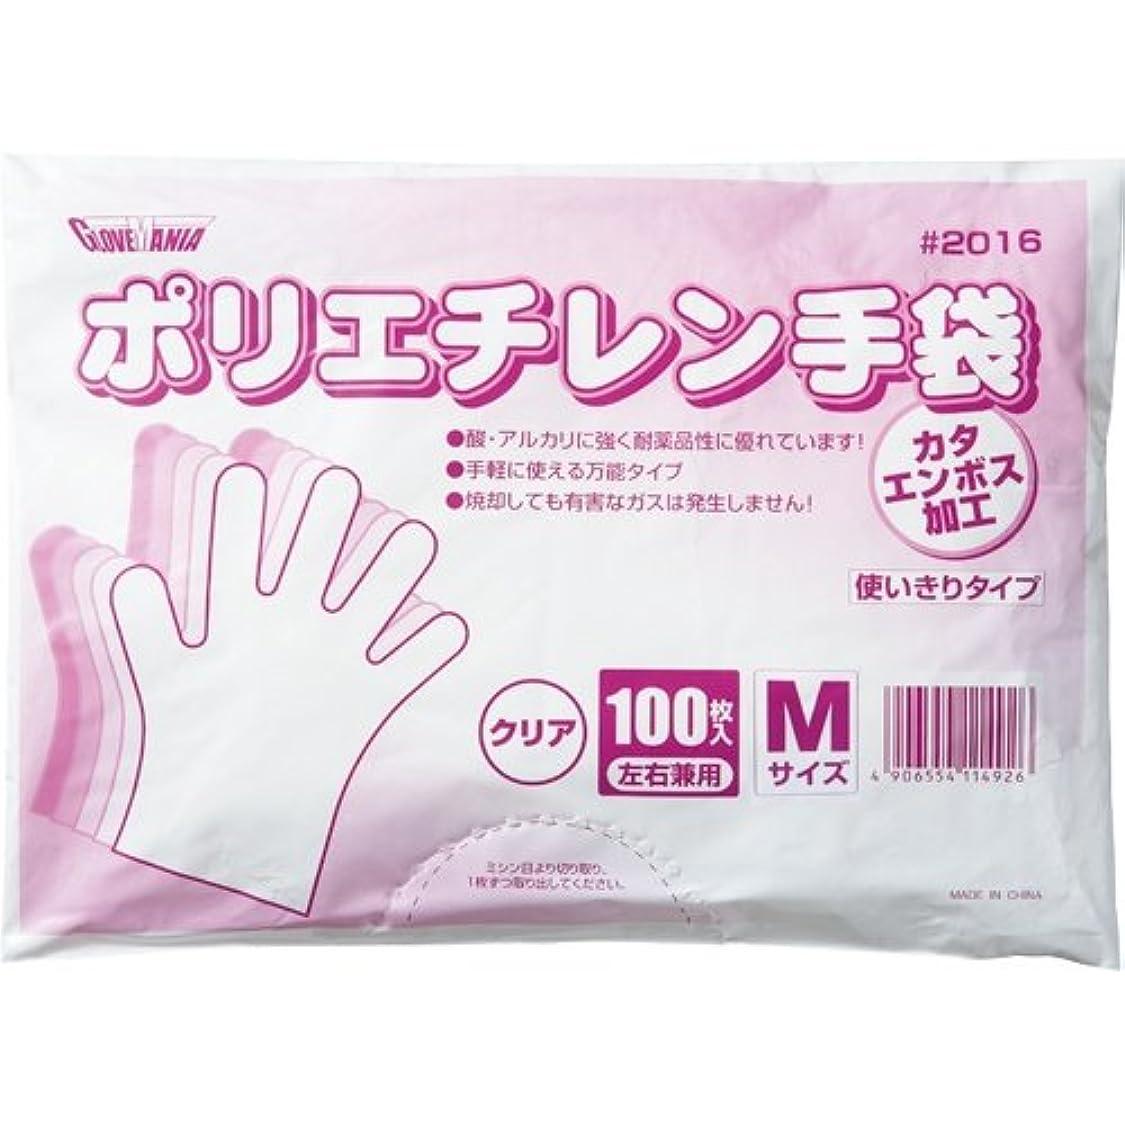 慈善うそつき隙間川西工業 ポリエチレン手袋 カタエンボス クリア M #2016 1セット(10000枚:100枚×100パック)